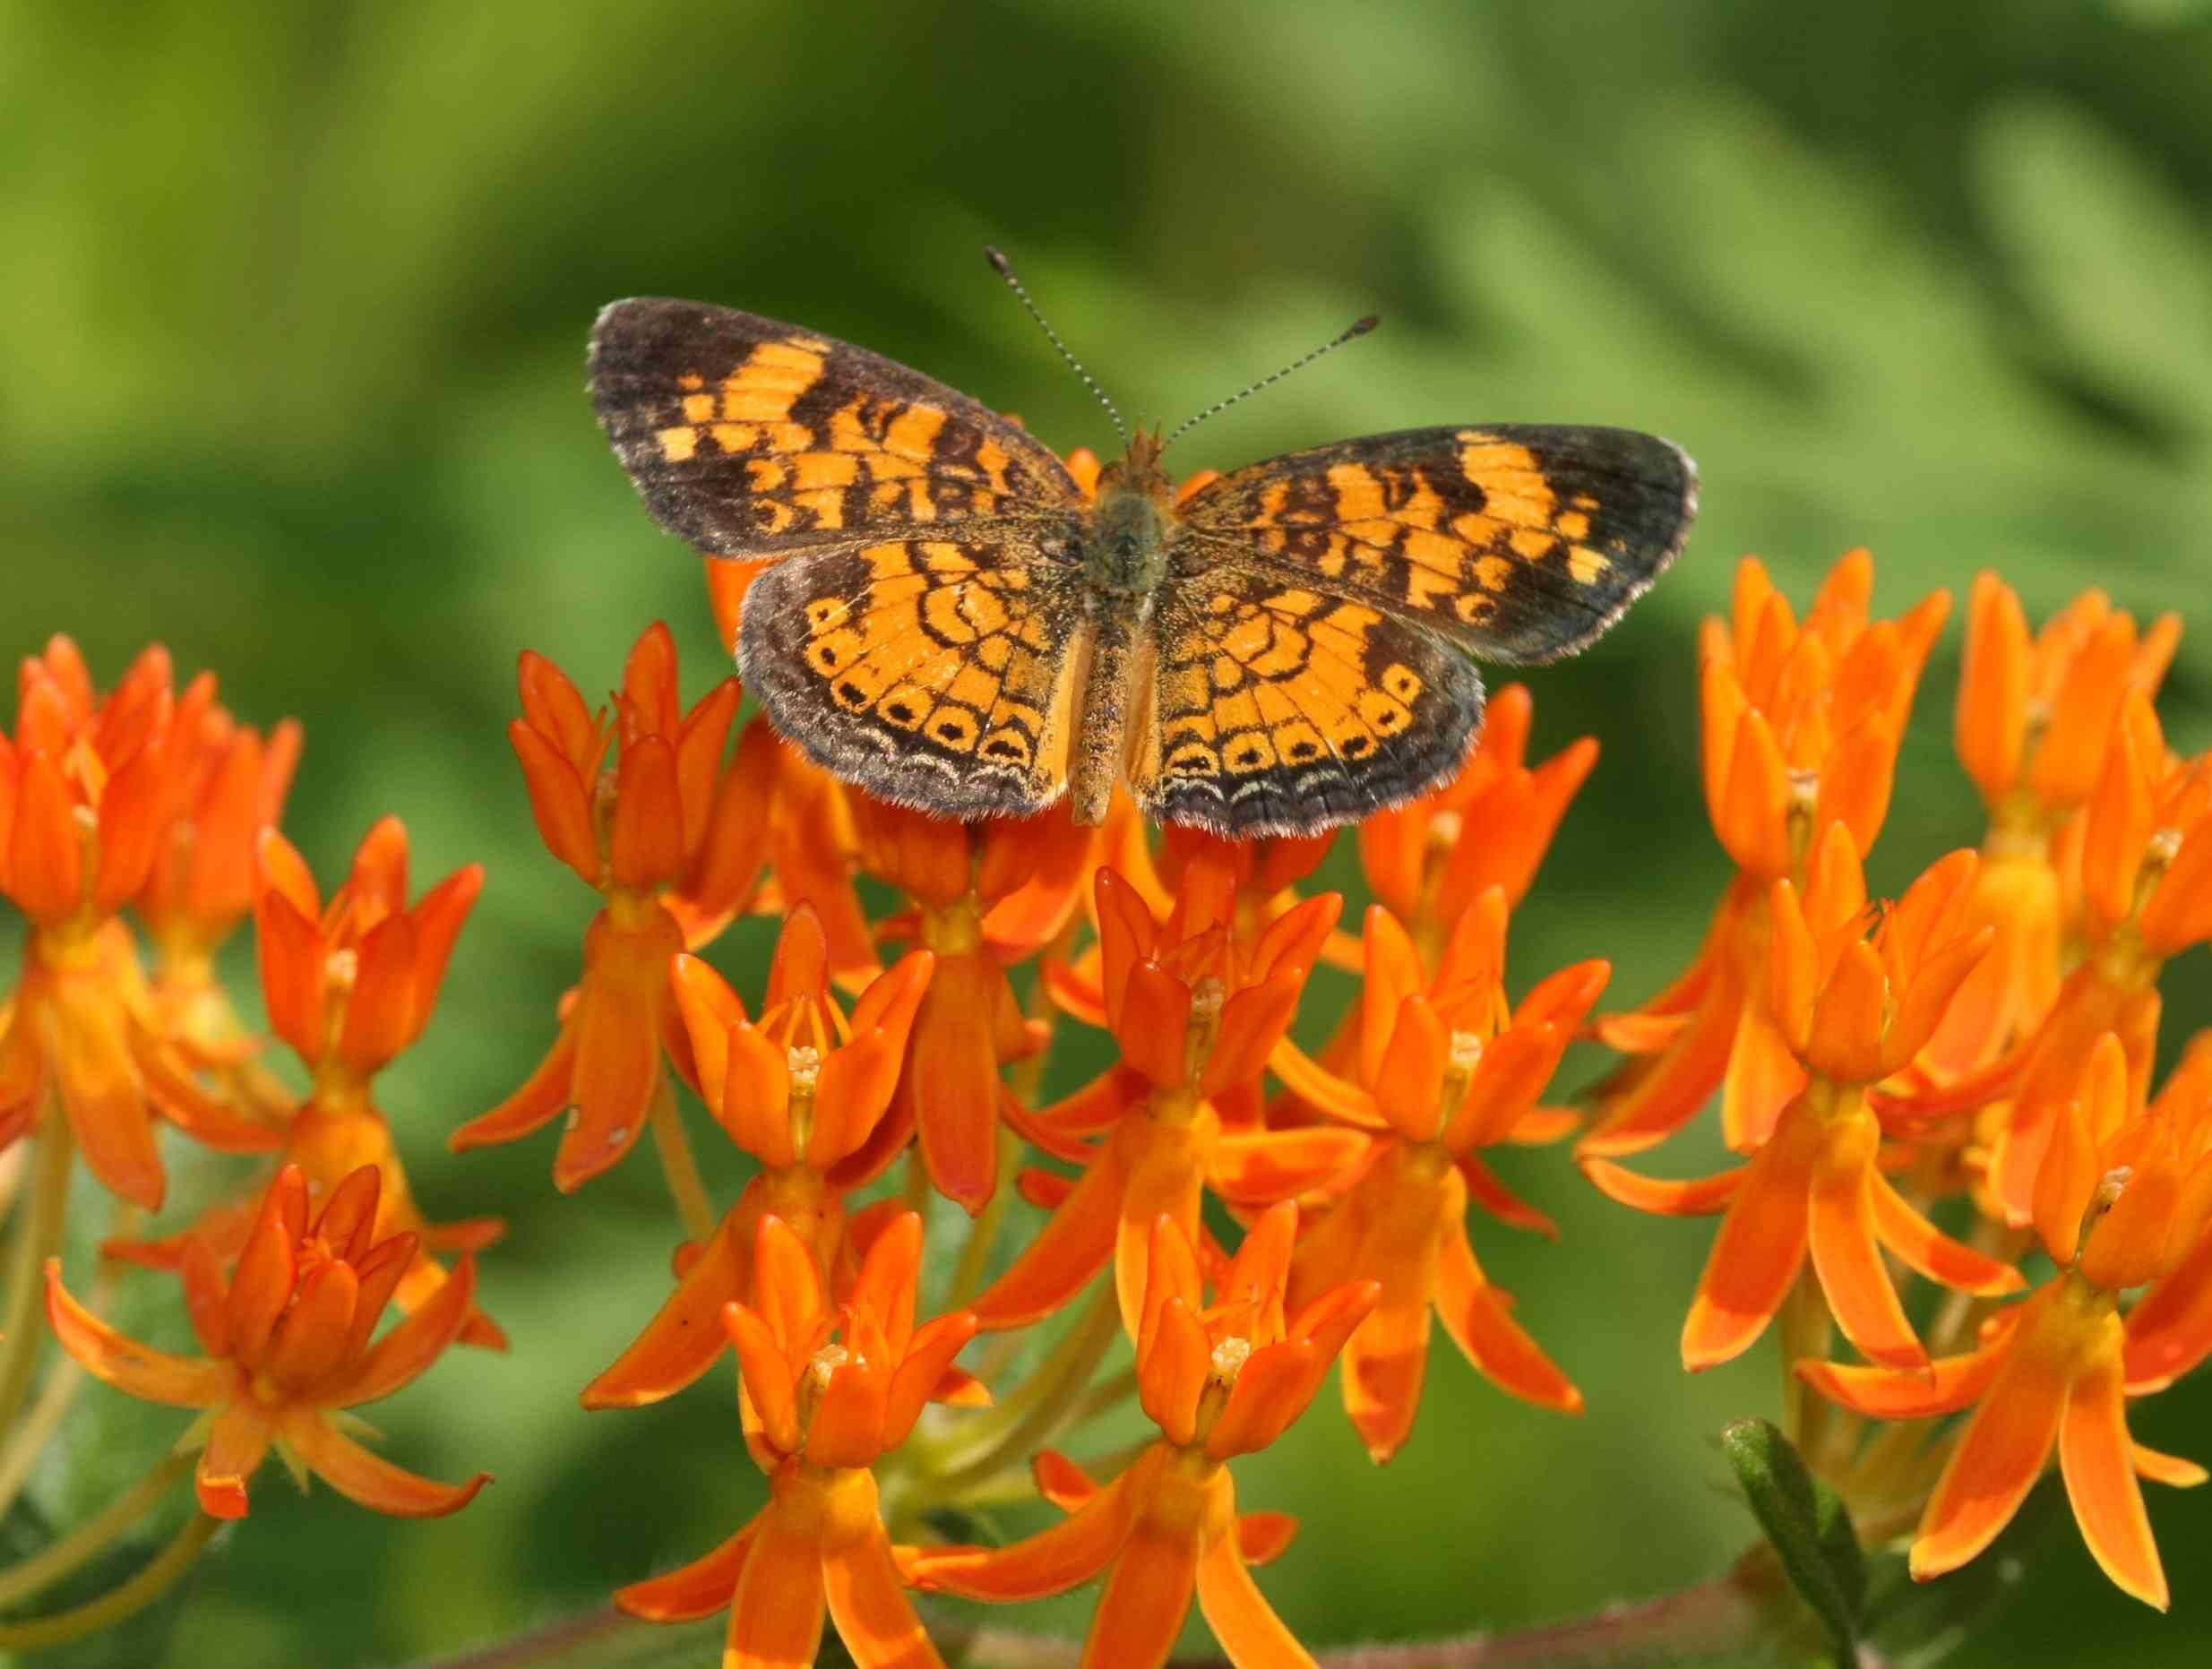 Creciente de perlas sobre hierba de mariposas